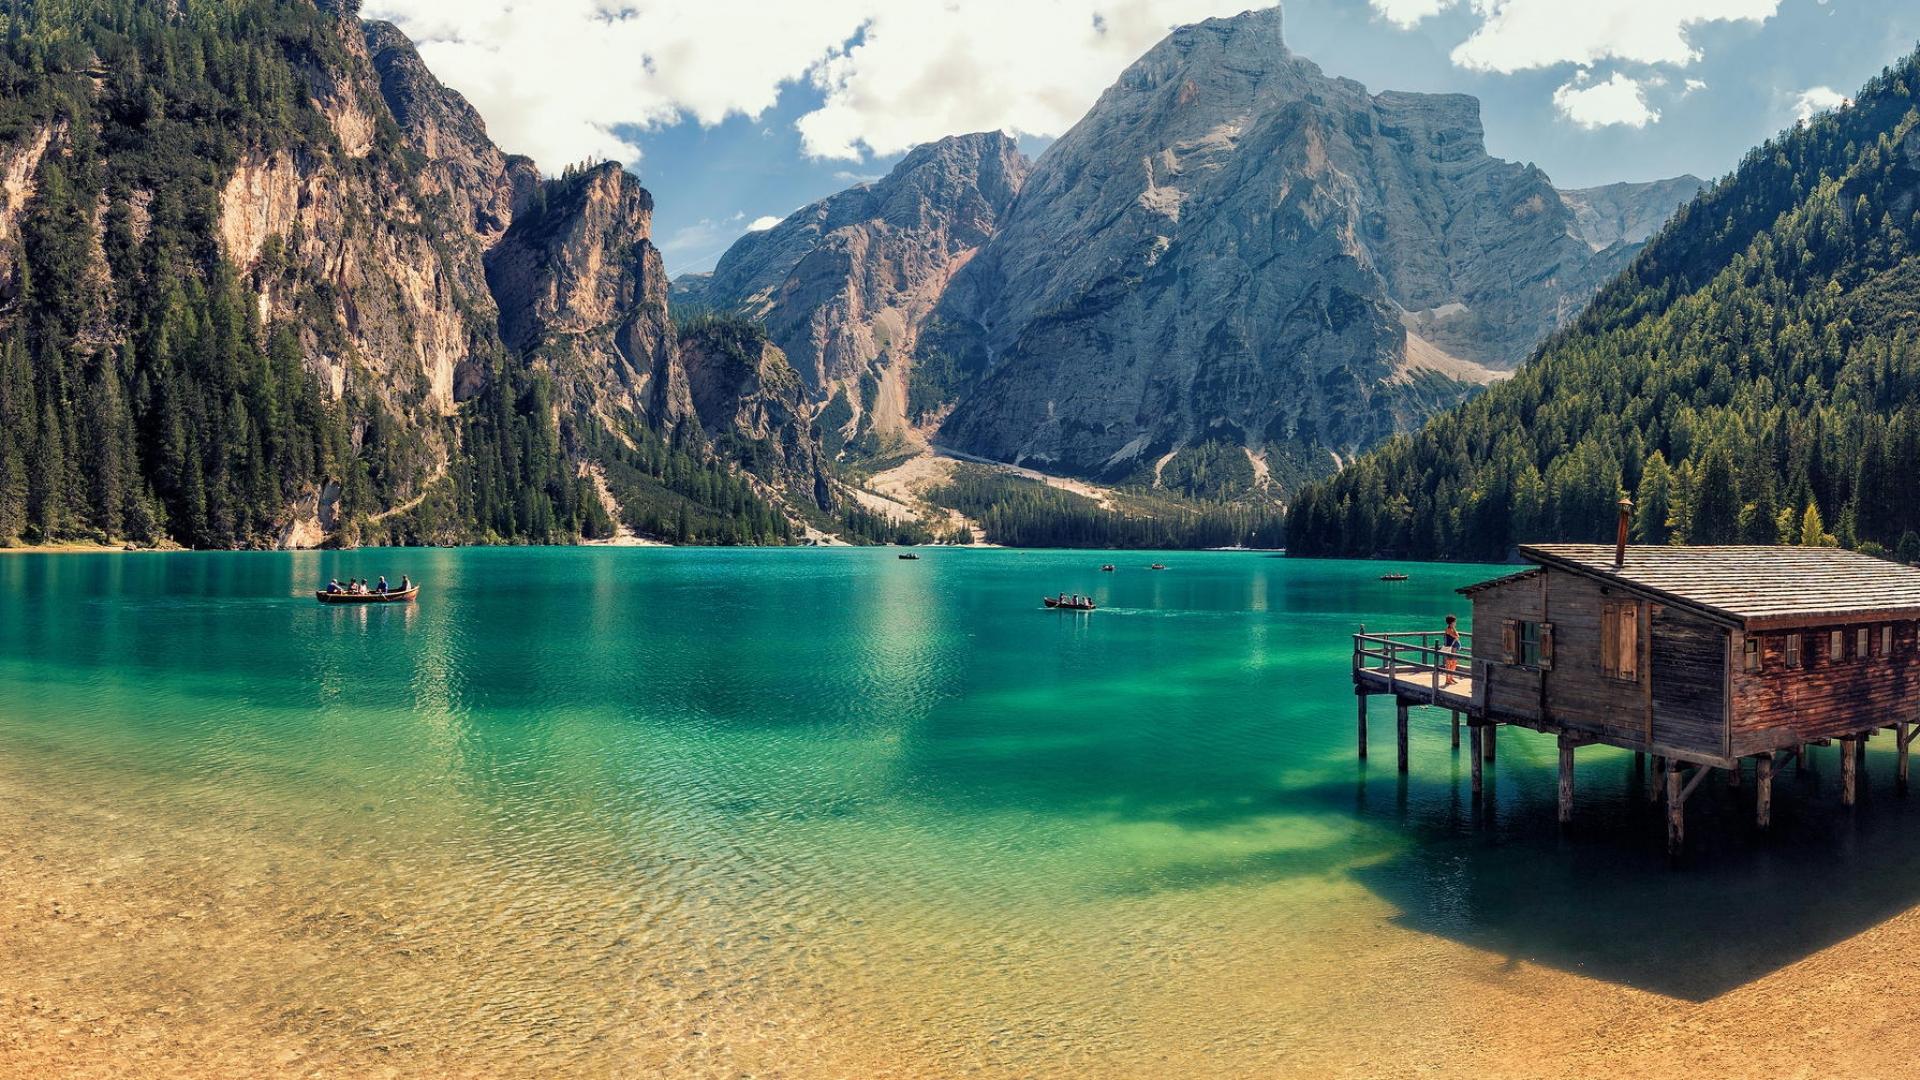 Lago Di Braies de Italia - 1920x1080